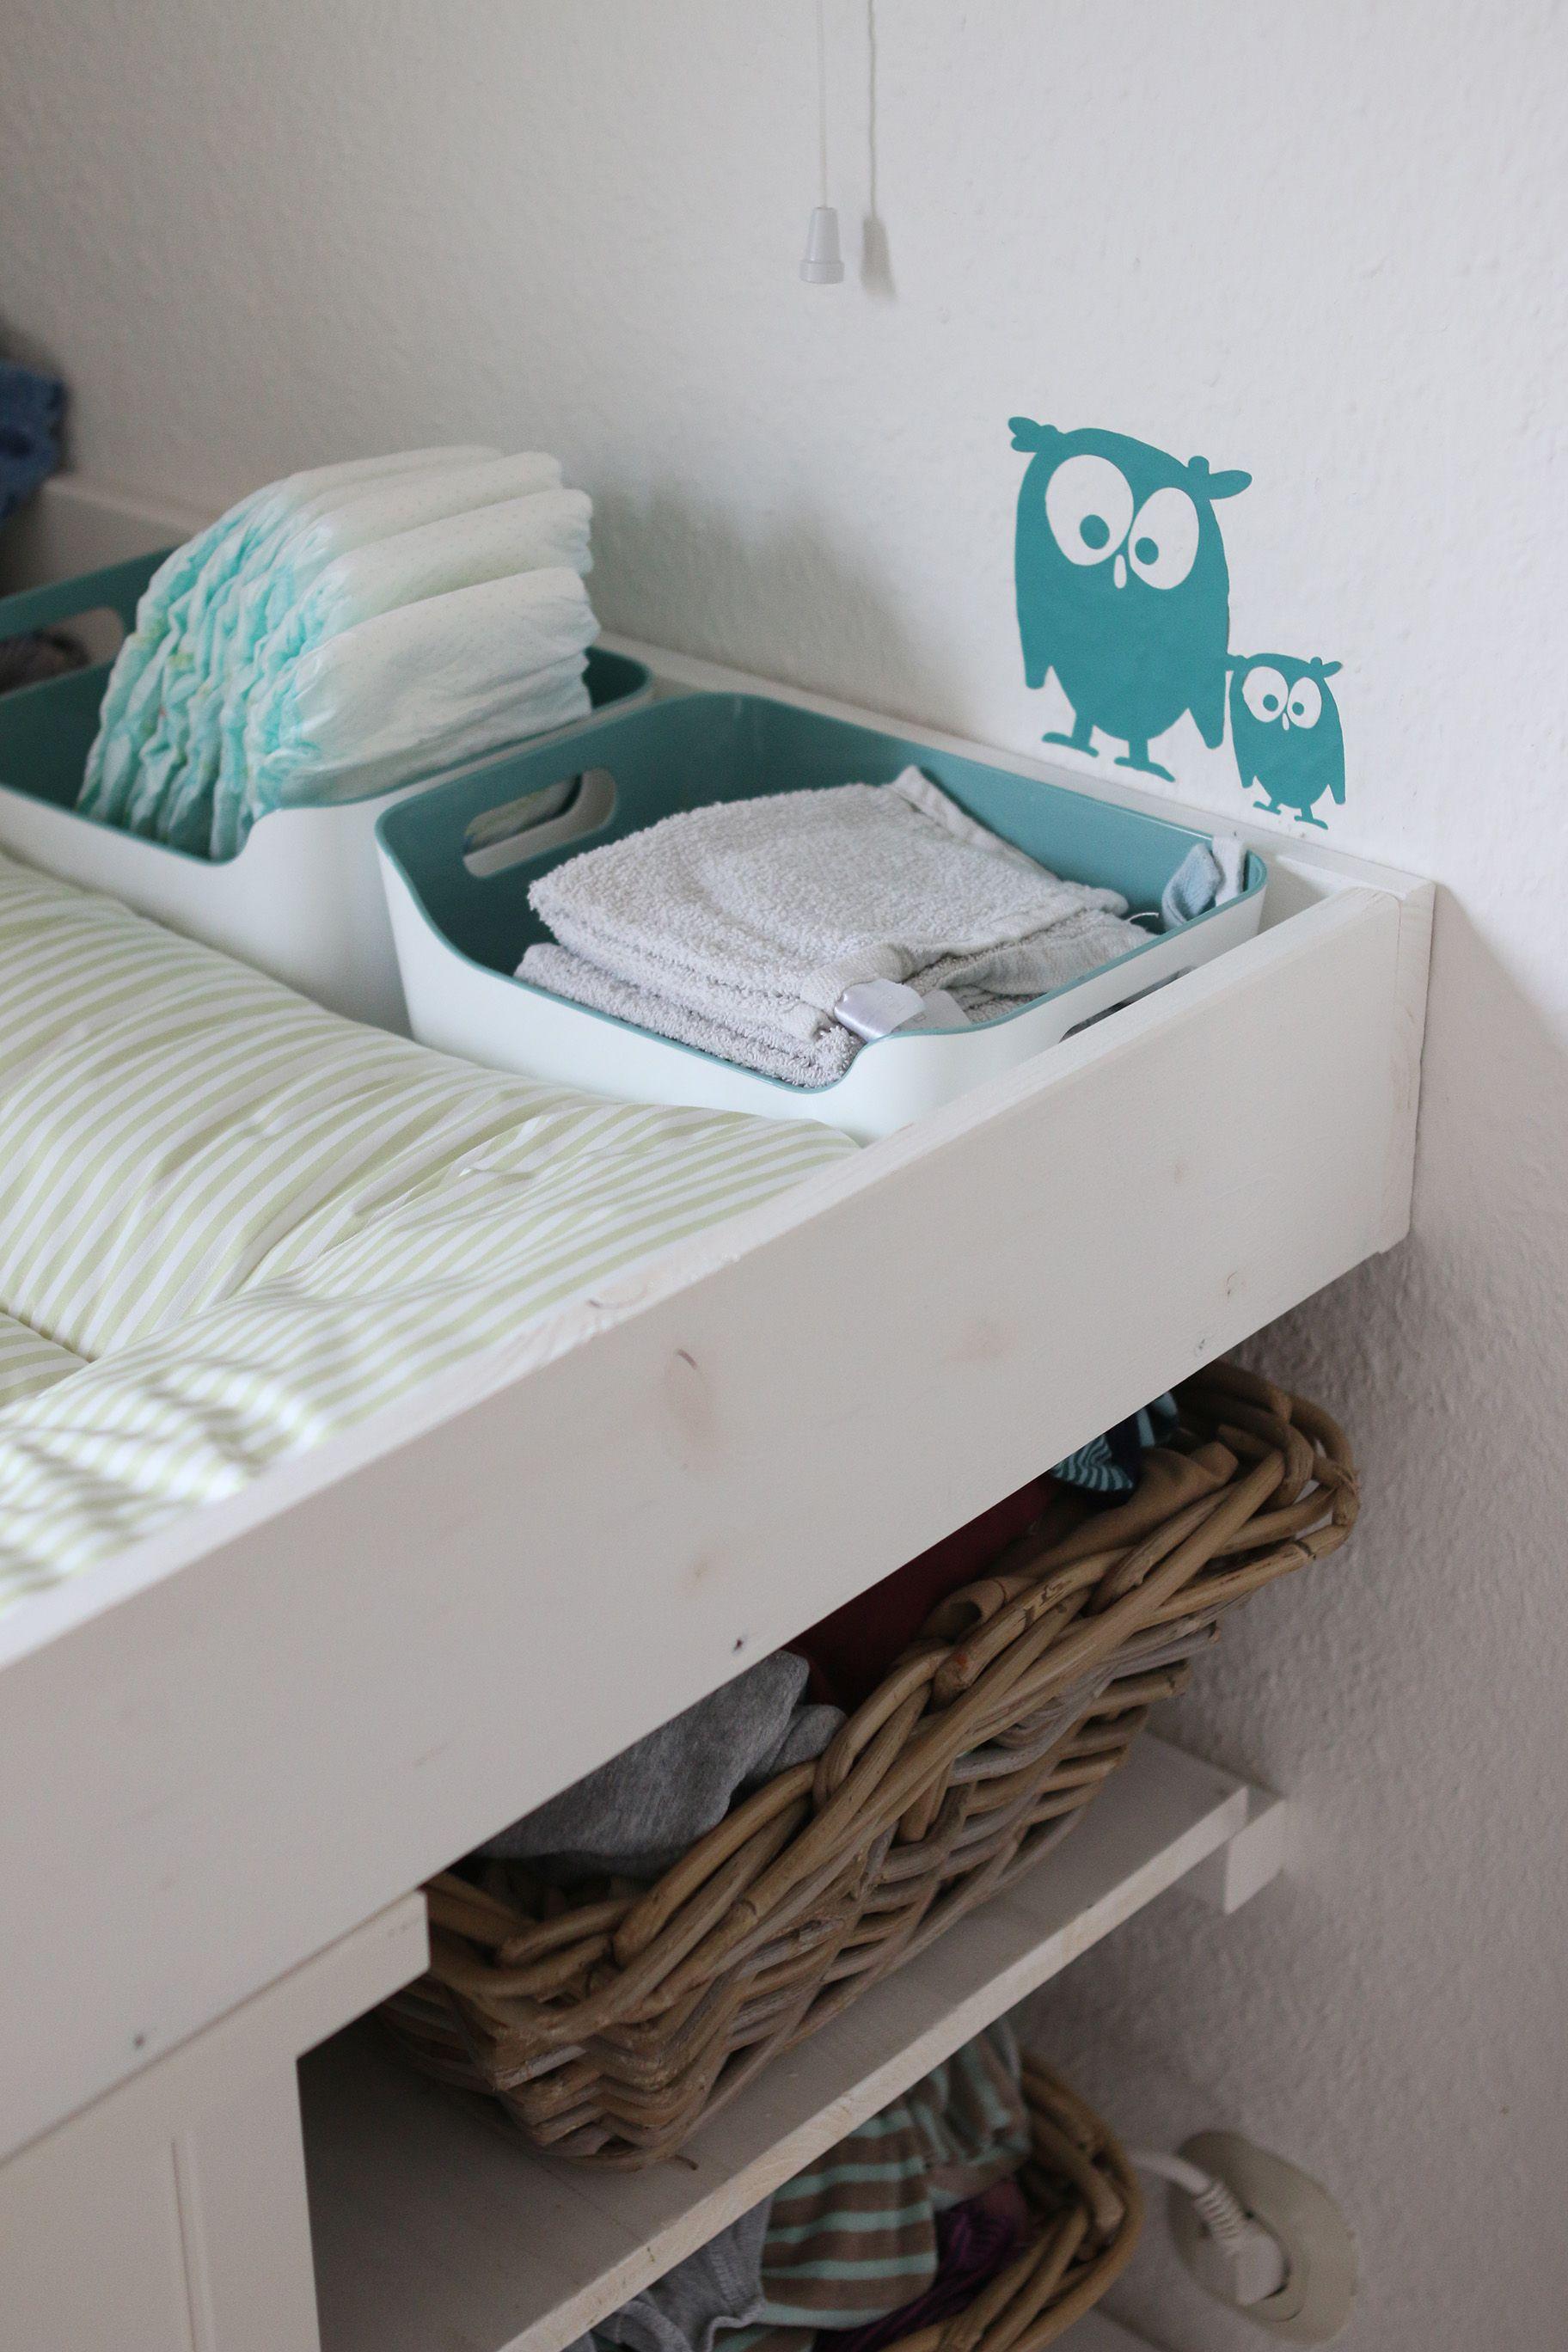 kinderzimmer wickeltisch | kinderzimmer | pinterest - Wickelkommode Erstausstattung Fur Kinderzimmer